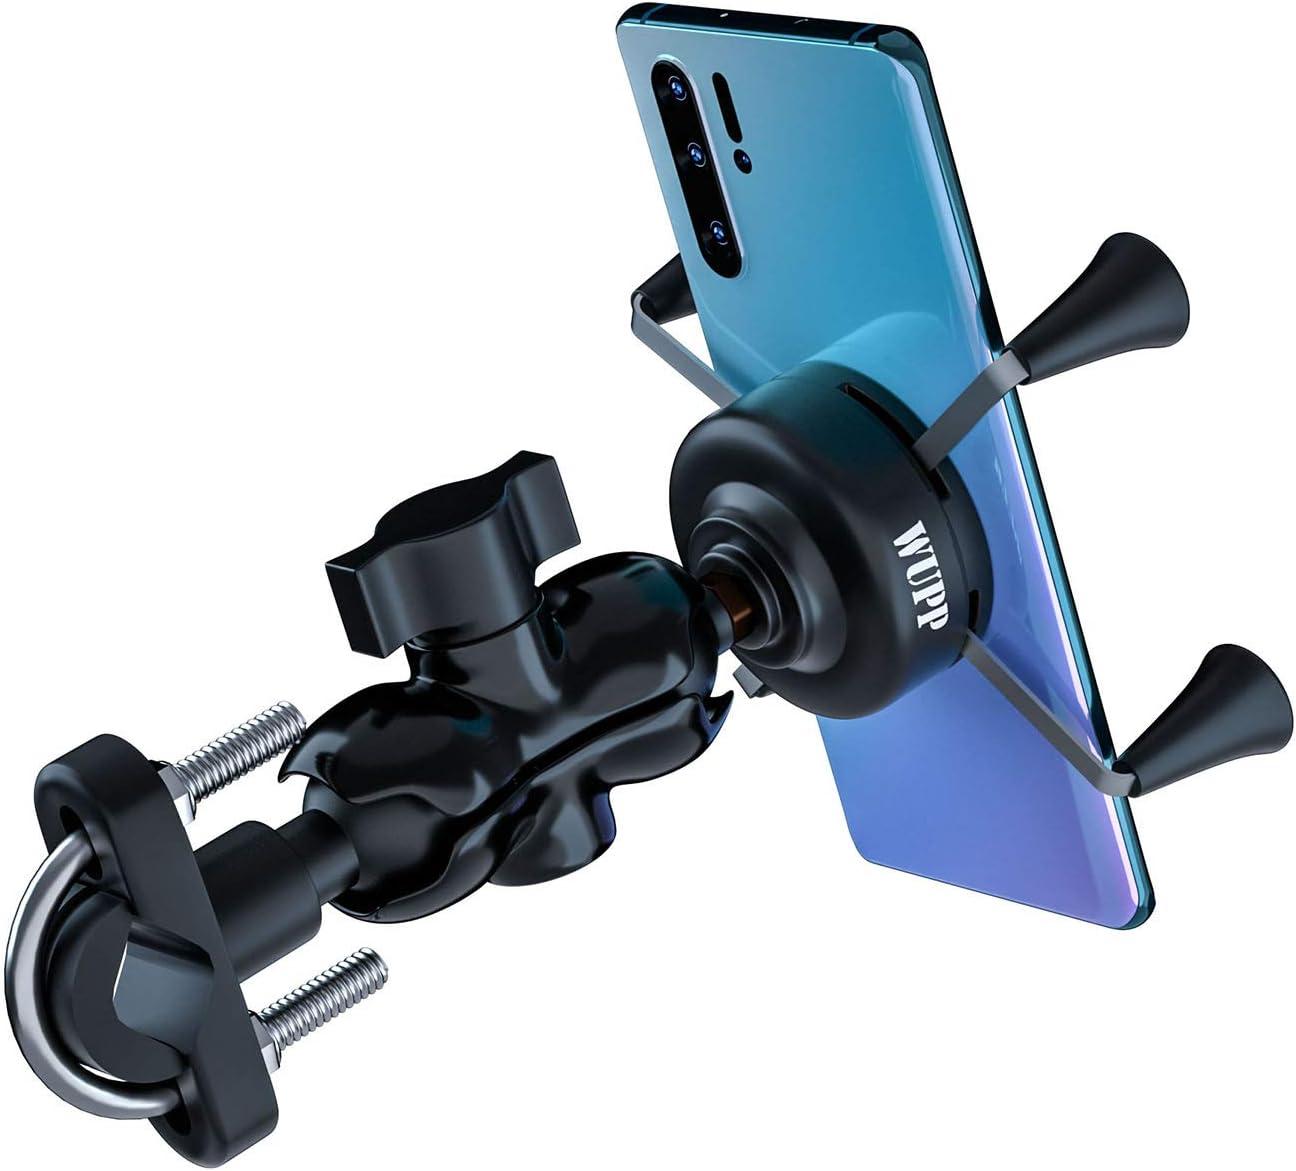 Kriogor Aluminio Moto Soporte de Montaje con 2.1A Cargador USB Toma para Teléfono Móvil DE 3.5 a 6 Pulgadas, GPS